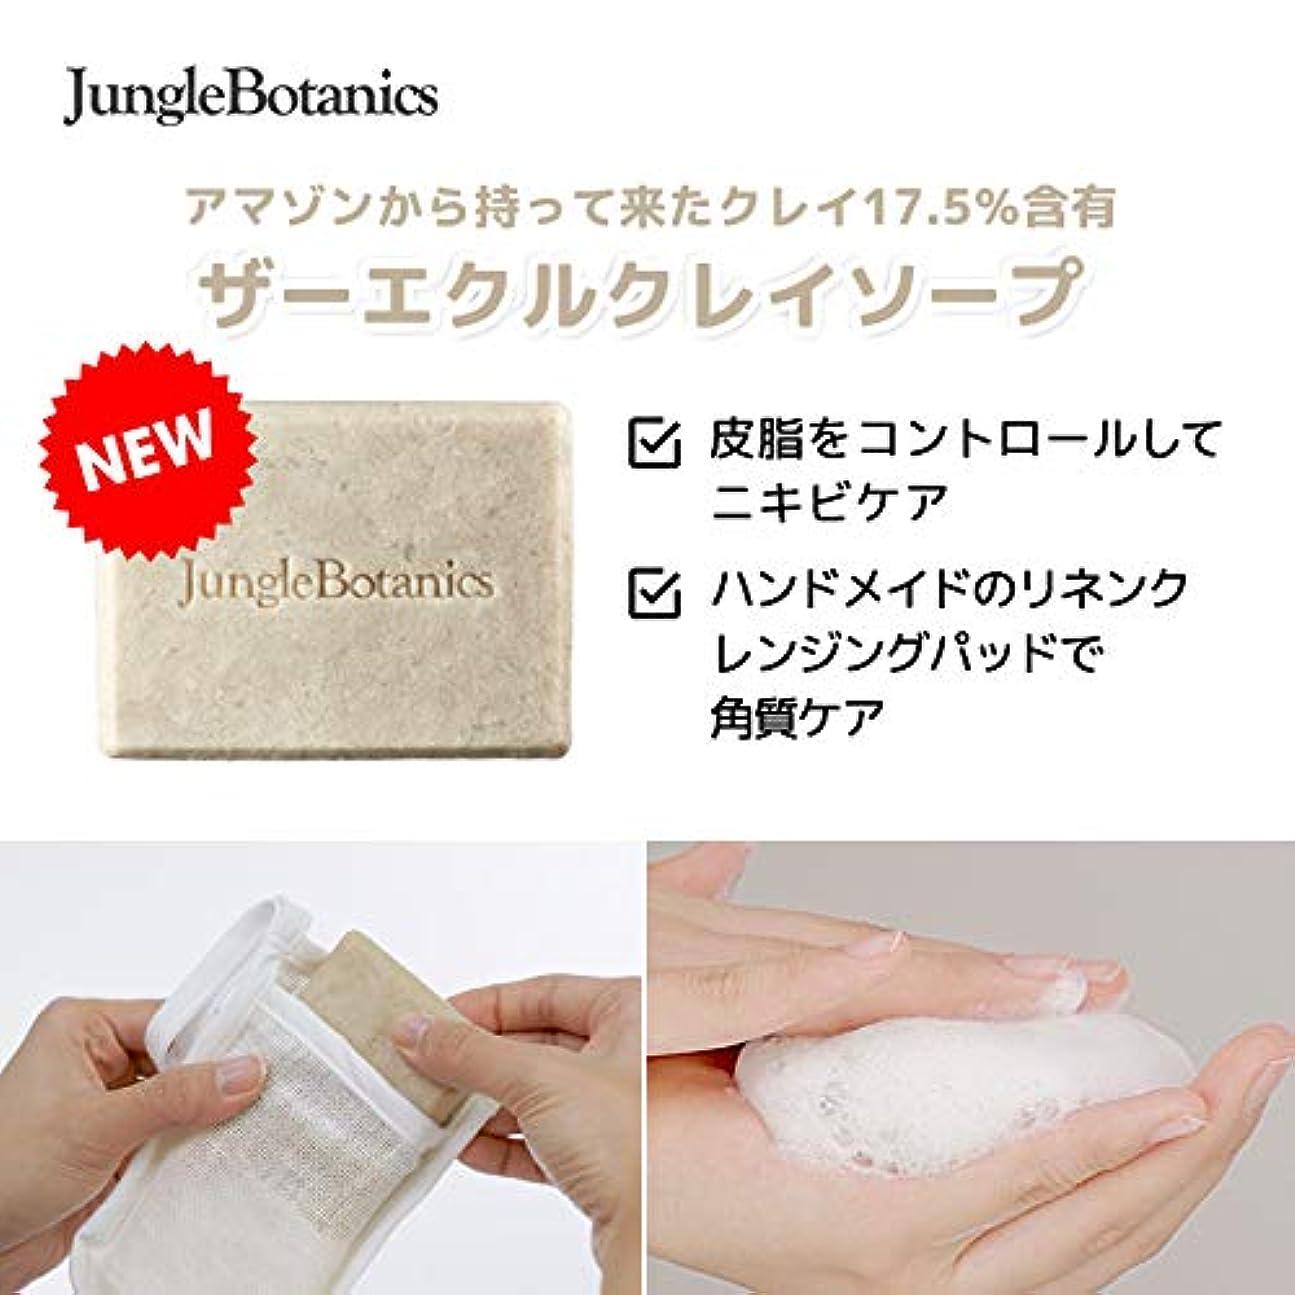 言及する用心サンプル[JUNGLE BOTANICS] ザーエクルクレイソープ110g, [JUNGLE BOTANICS] The Ecru Clay Soap 110g [並行輸入品] …